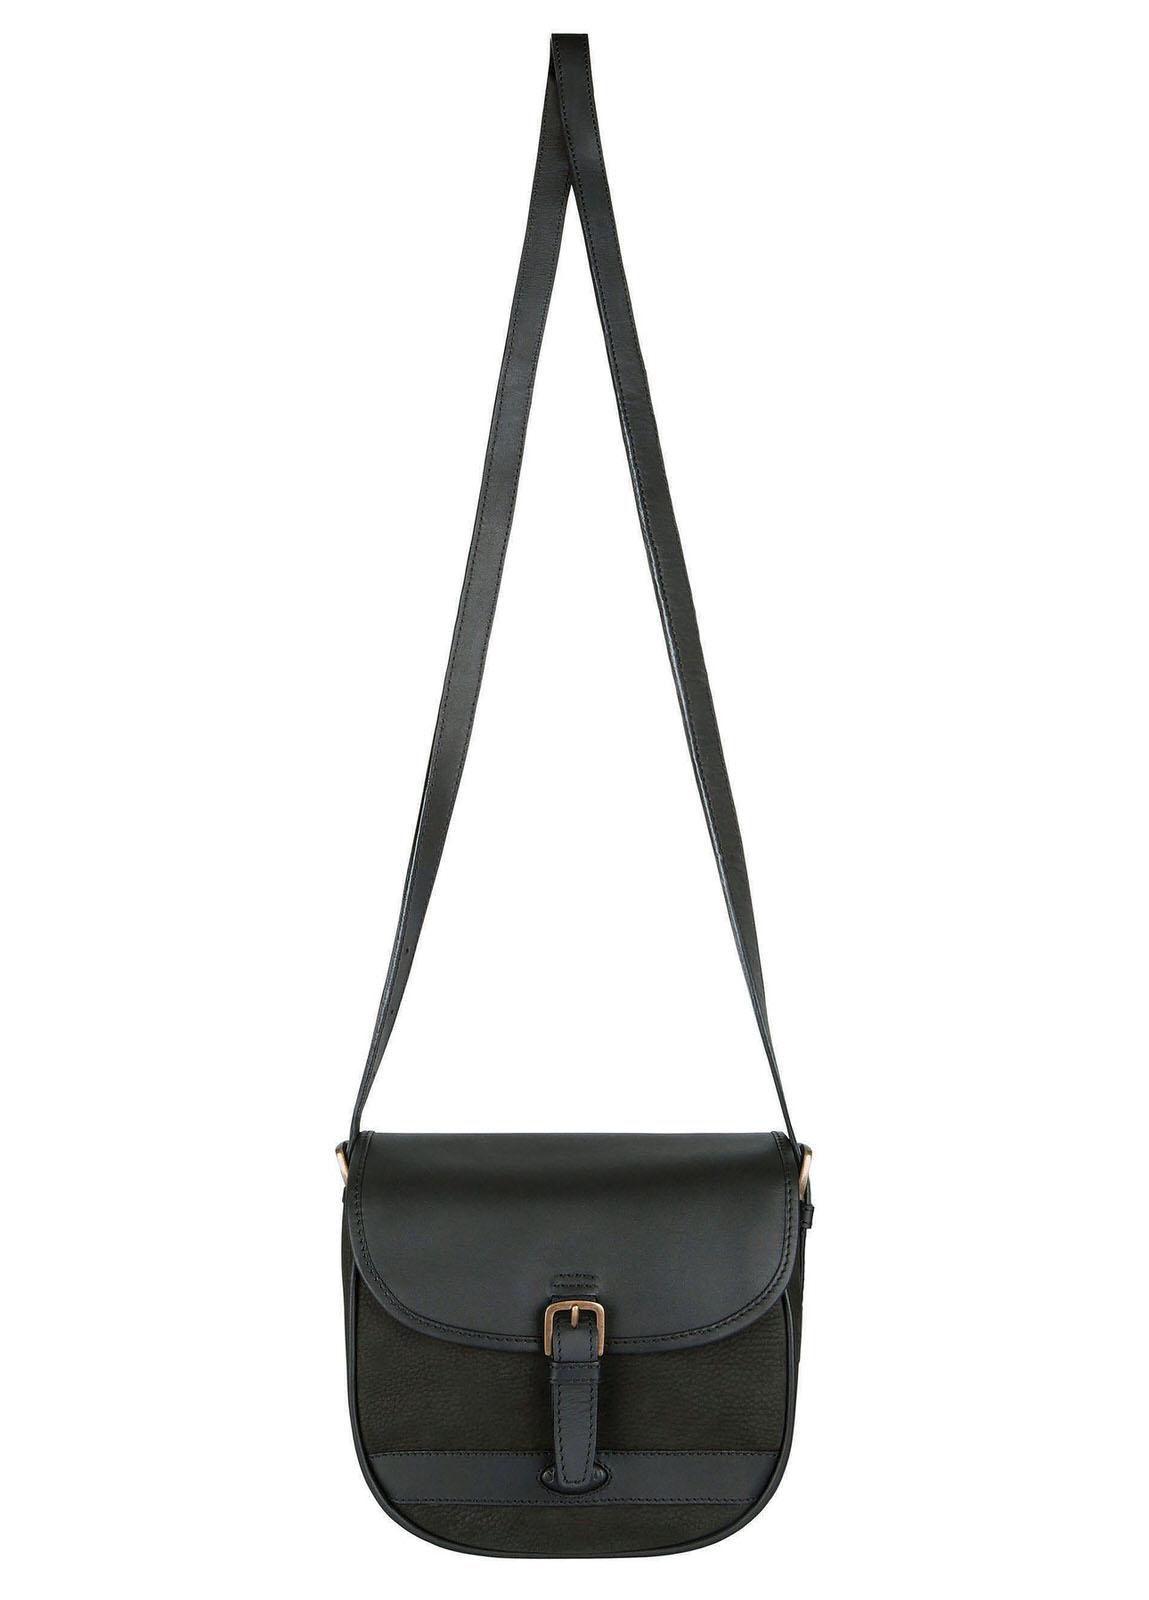 Clara_Leather_Saddle_bag_Black_Image_1